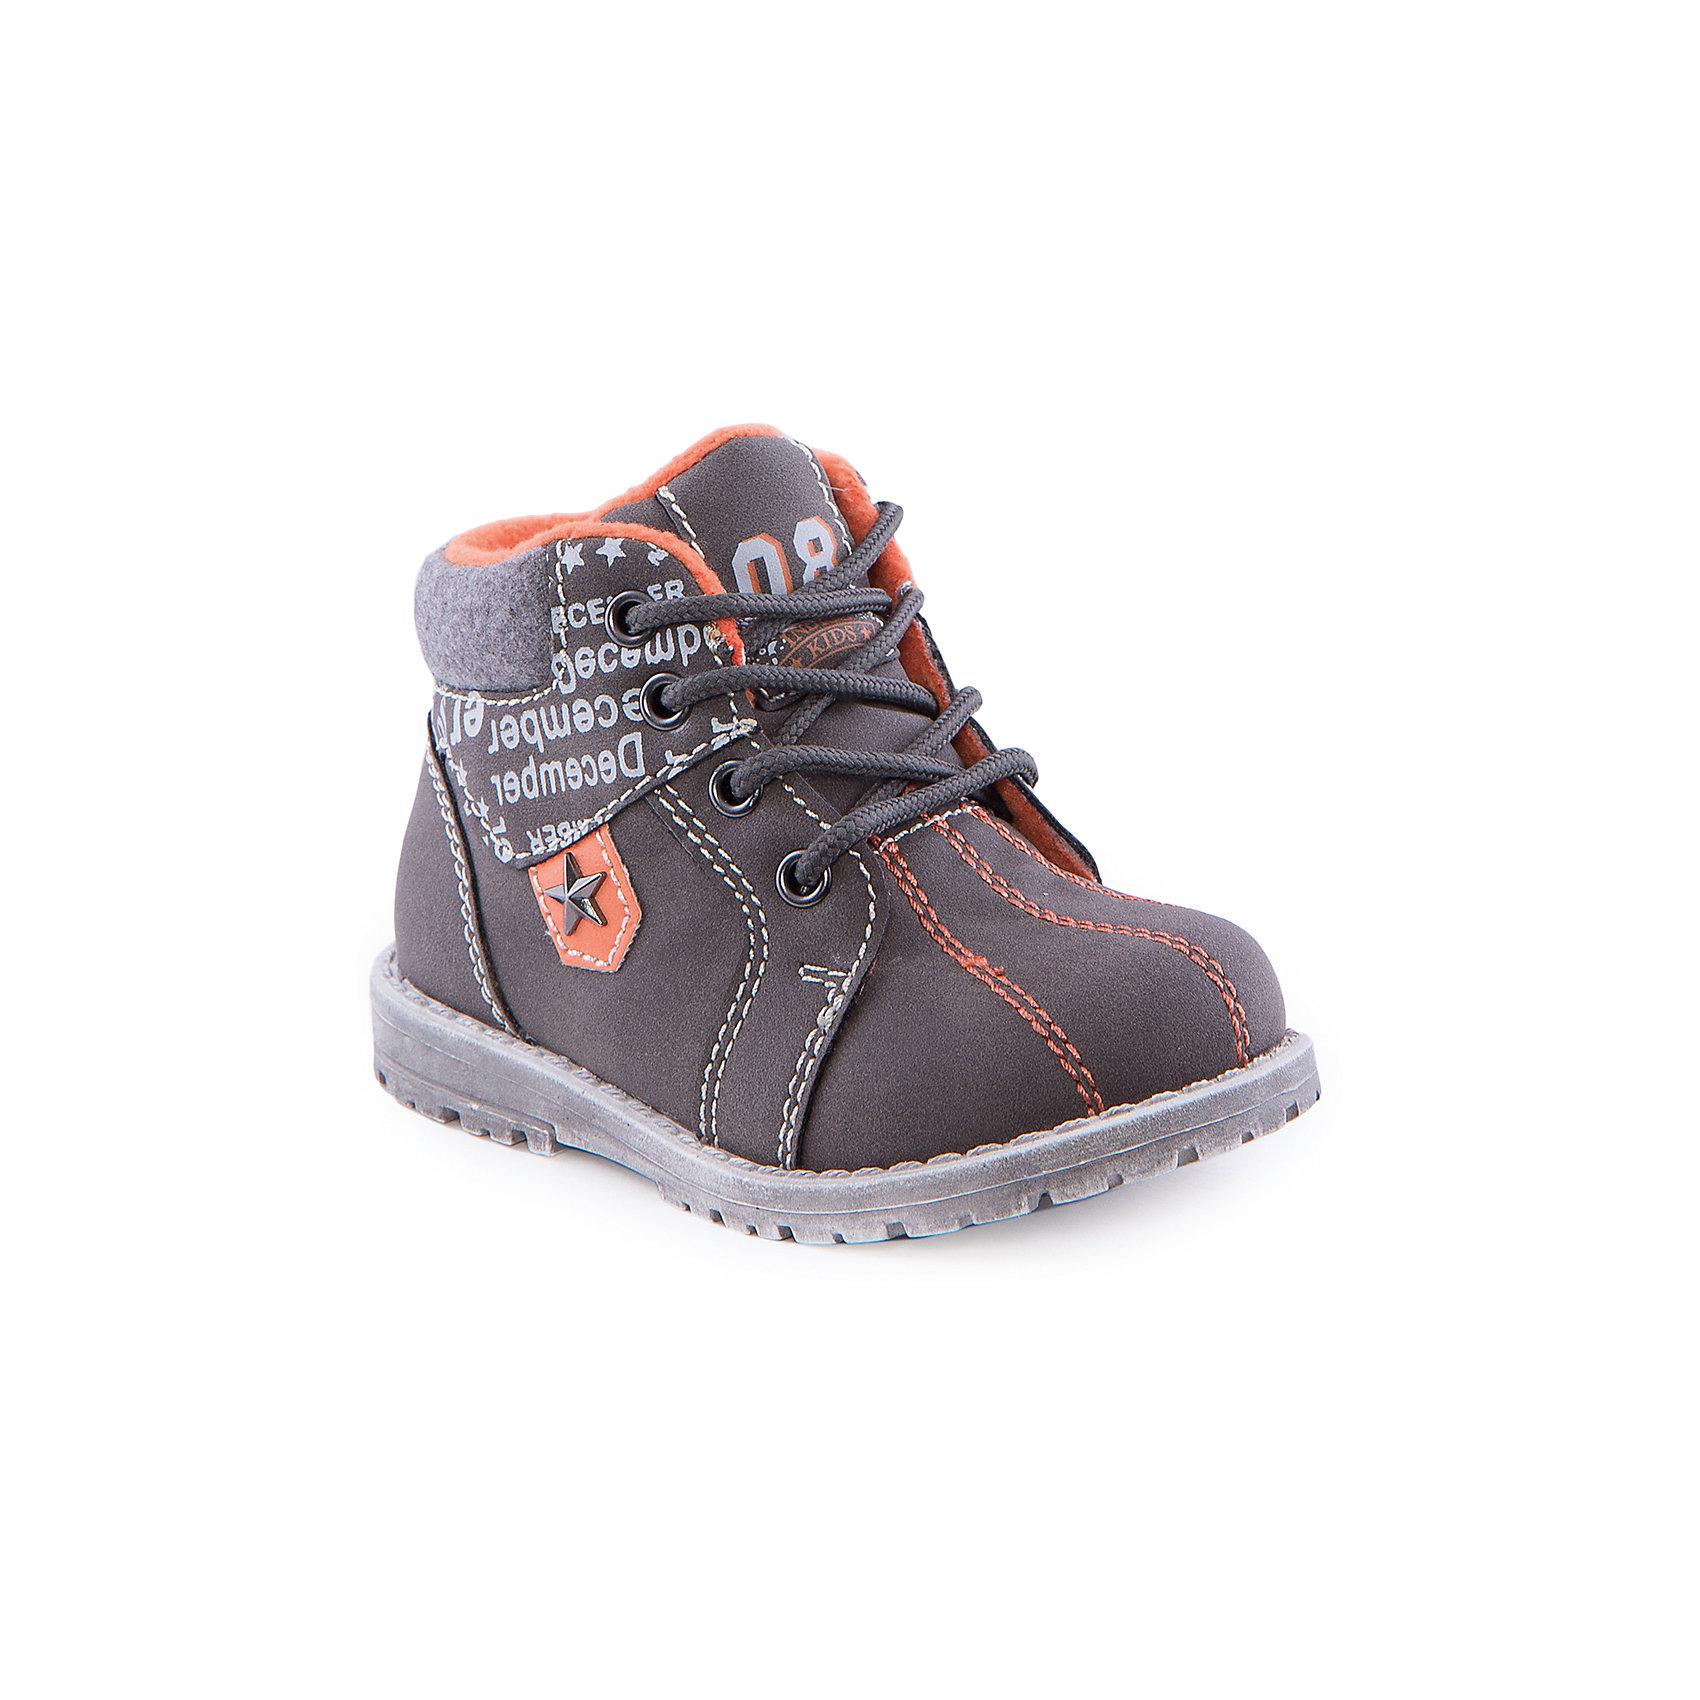 Ботинки для мальчика Indigo kidsОбувь для малышей<br>Ботинки для мальчика от известного бренда Indigo kids<br><br>Стильные ботинки могут быть и очень удобными! Оригинальный дизайн делает эту модель модной и привлекающей внимание. Ботинки легко надеваются благодаря шнуровке и молнии и комфортно садятся по ноге. <br><br>Особенности модели:<br><br>- цвет - хаки, оранжевый;<br>- стильный дизайн;<br>- удобная колодка;<br>- байковая подкладка;<br>- украшены принтом;<br>- устойчивая подошва;<br>- высокие;<br>- белая прошивка;<br>- застежки: шнуровка, молния.<br><br>Дополнительная информация:<br><br>Температурный режим:<br>от +5° С до +15° С<br><br>Состав:<br><br>верх – искусственная кожа;<br>подкладка - байка;<br>подошва - ТЭП.<br><br>Ботинки для мальчика Indigo kids (Индиго Кидс) можно купить в нашем магазине.<br><br>Ширина мм: 262<br>Глубина мм: 176<br>Высота мм: 97<br>Вес г: 427<br>Цвет: хаки<br>Возраст от месяцев: 12<br>Возраст до месяцев: 15<br>Пол: Мужской<br>Возраст: Детский<br>Размер: 21,24,23,22,25,26<br>SKU: 4520139